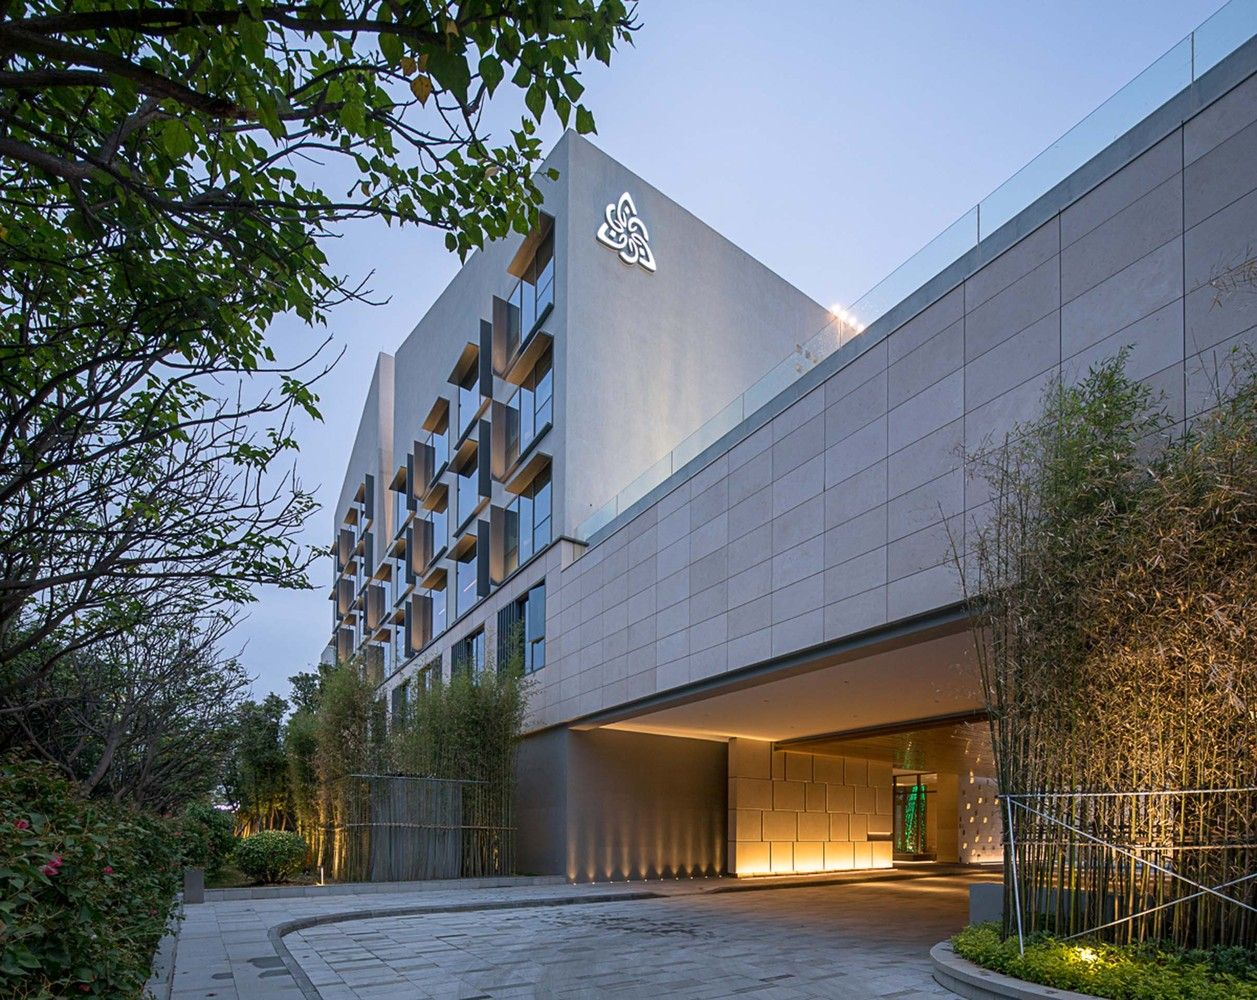 Gallery Of Joyze Hotel Xiamen Curio Collection By Hilton Tanghua Architect Associates 8 Facade Architecture Architect Building Facade